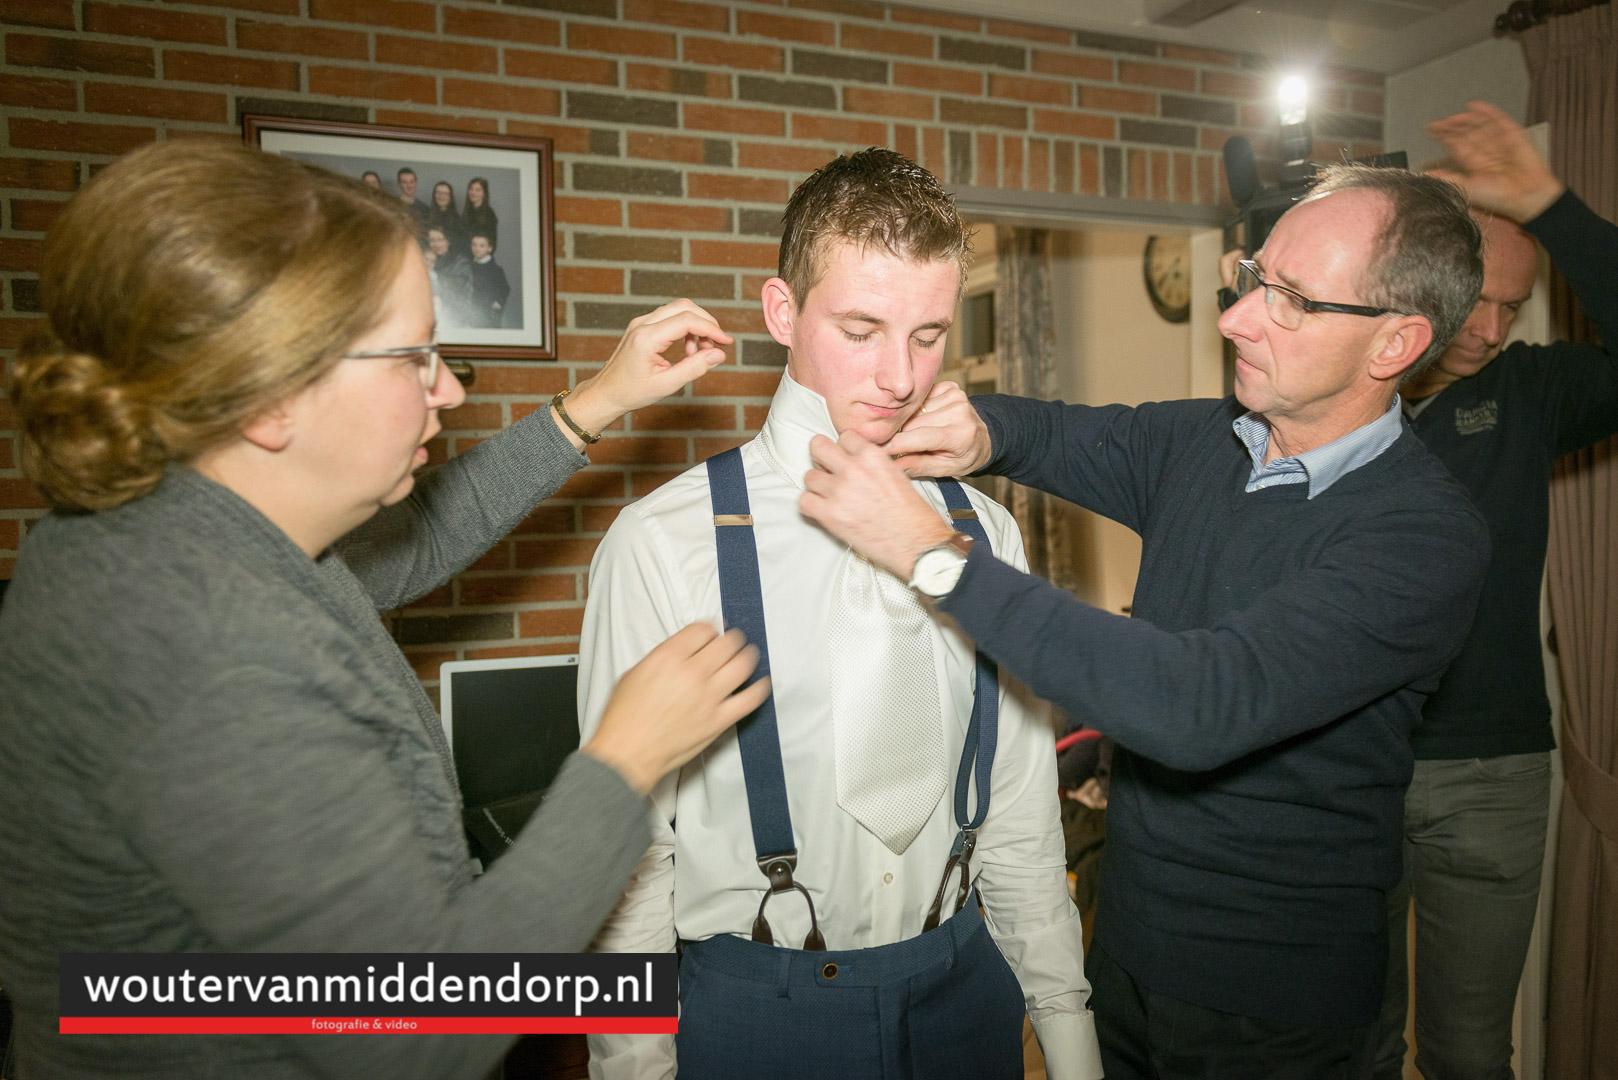 foto Wouter van Middendorp Uddel, Veluwe, Gelderland, trouwfotograaf (2)